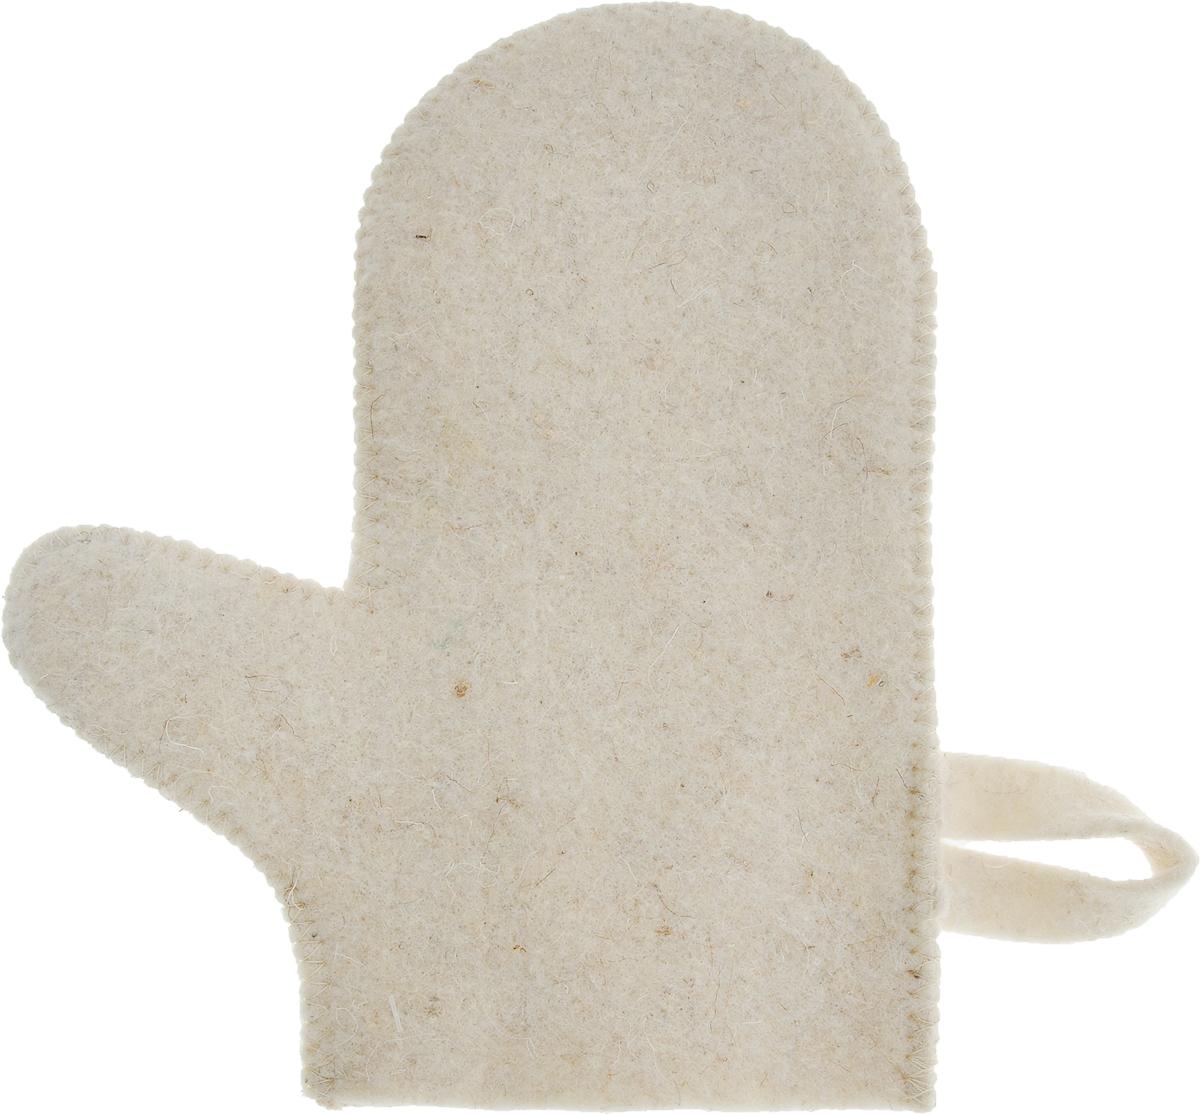 Рукавица для бани и сауны Prime Sauna391602Рукавица Главбаня Prime Sauna, изготовленная из войлока, - незаменимый банный атрибут. Изделие оснащено петелькой для подвешивания на крючок. Такая рукавица защищает руки от горячего пара, делает комфортным пребывание в парной. Также ею можно прекрасно промассировать тело.Размер: 26 х 21,5 см.Материал: войлок (80% шерсть, 20% лавсан).